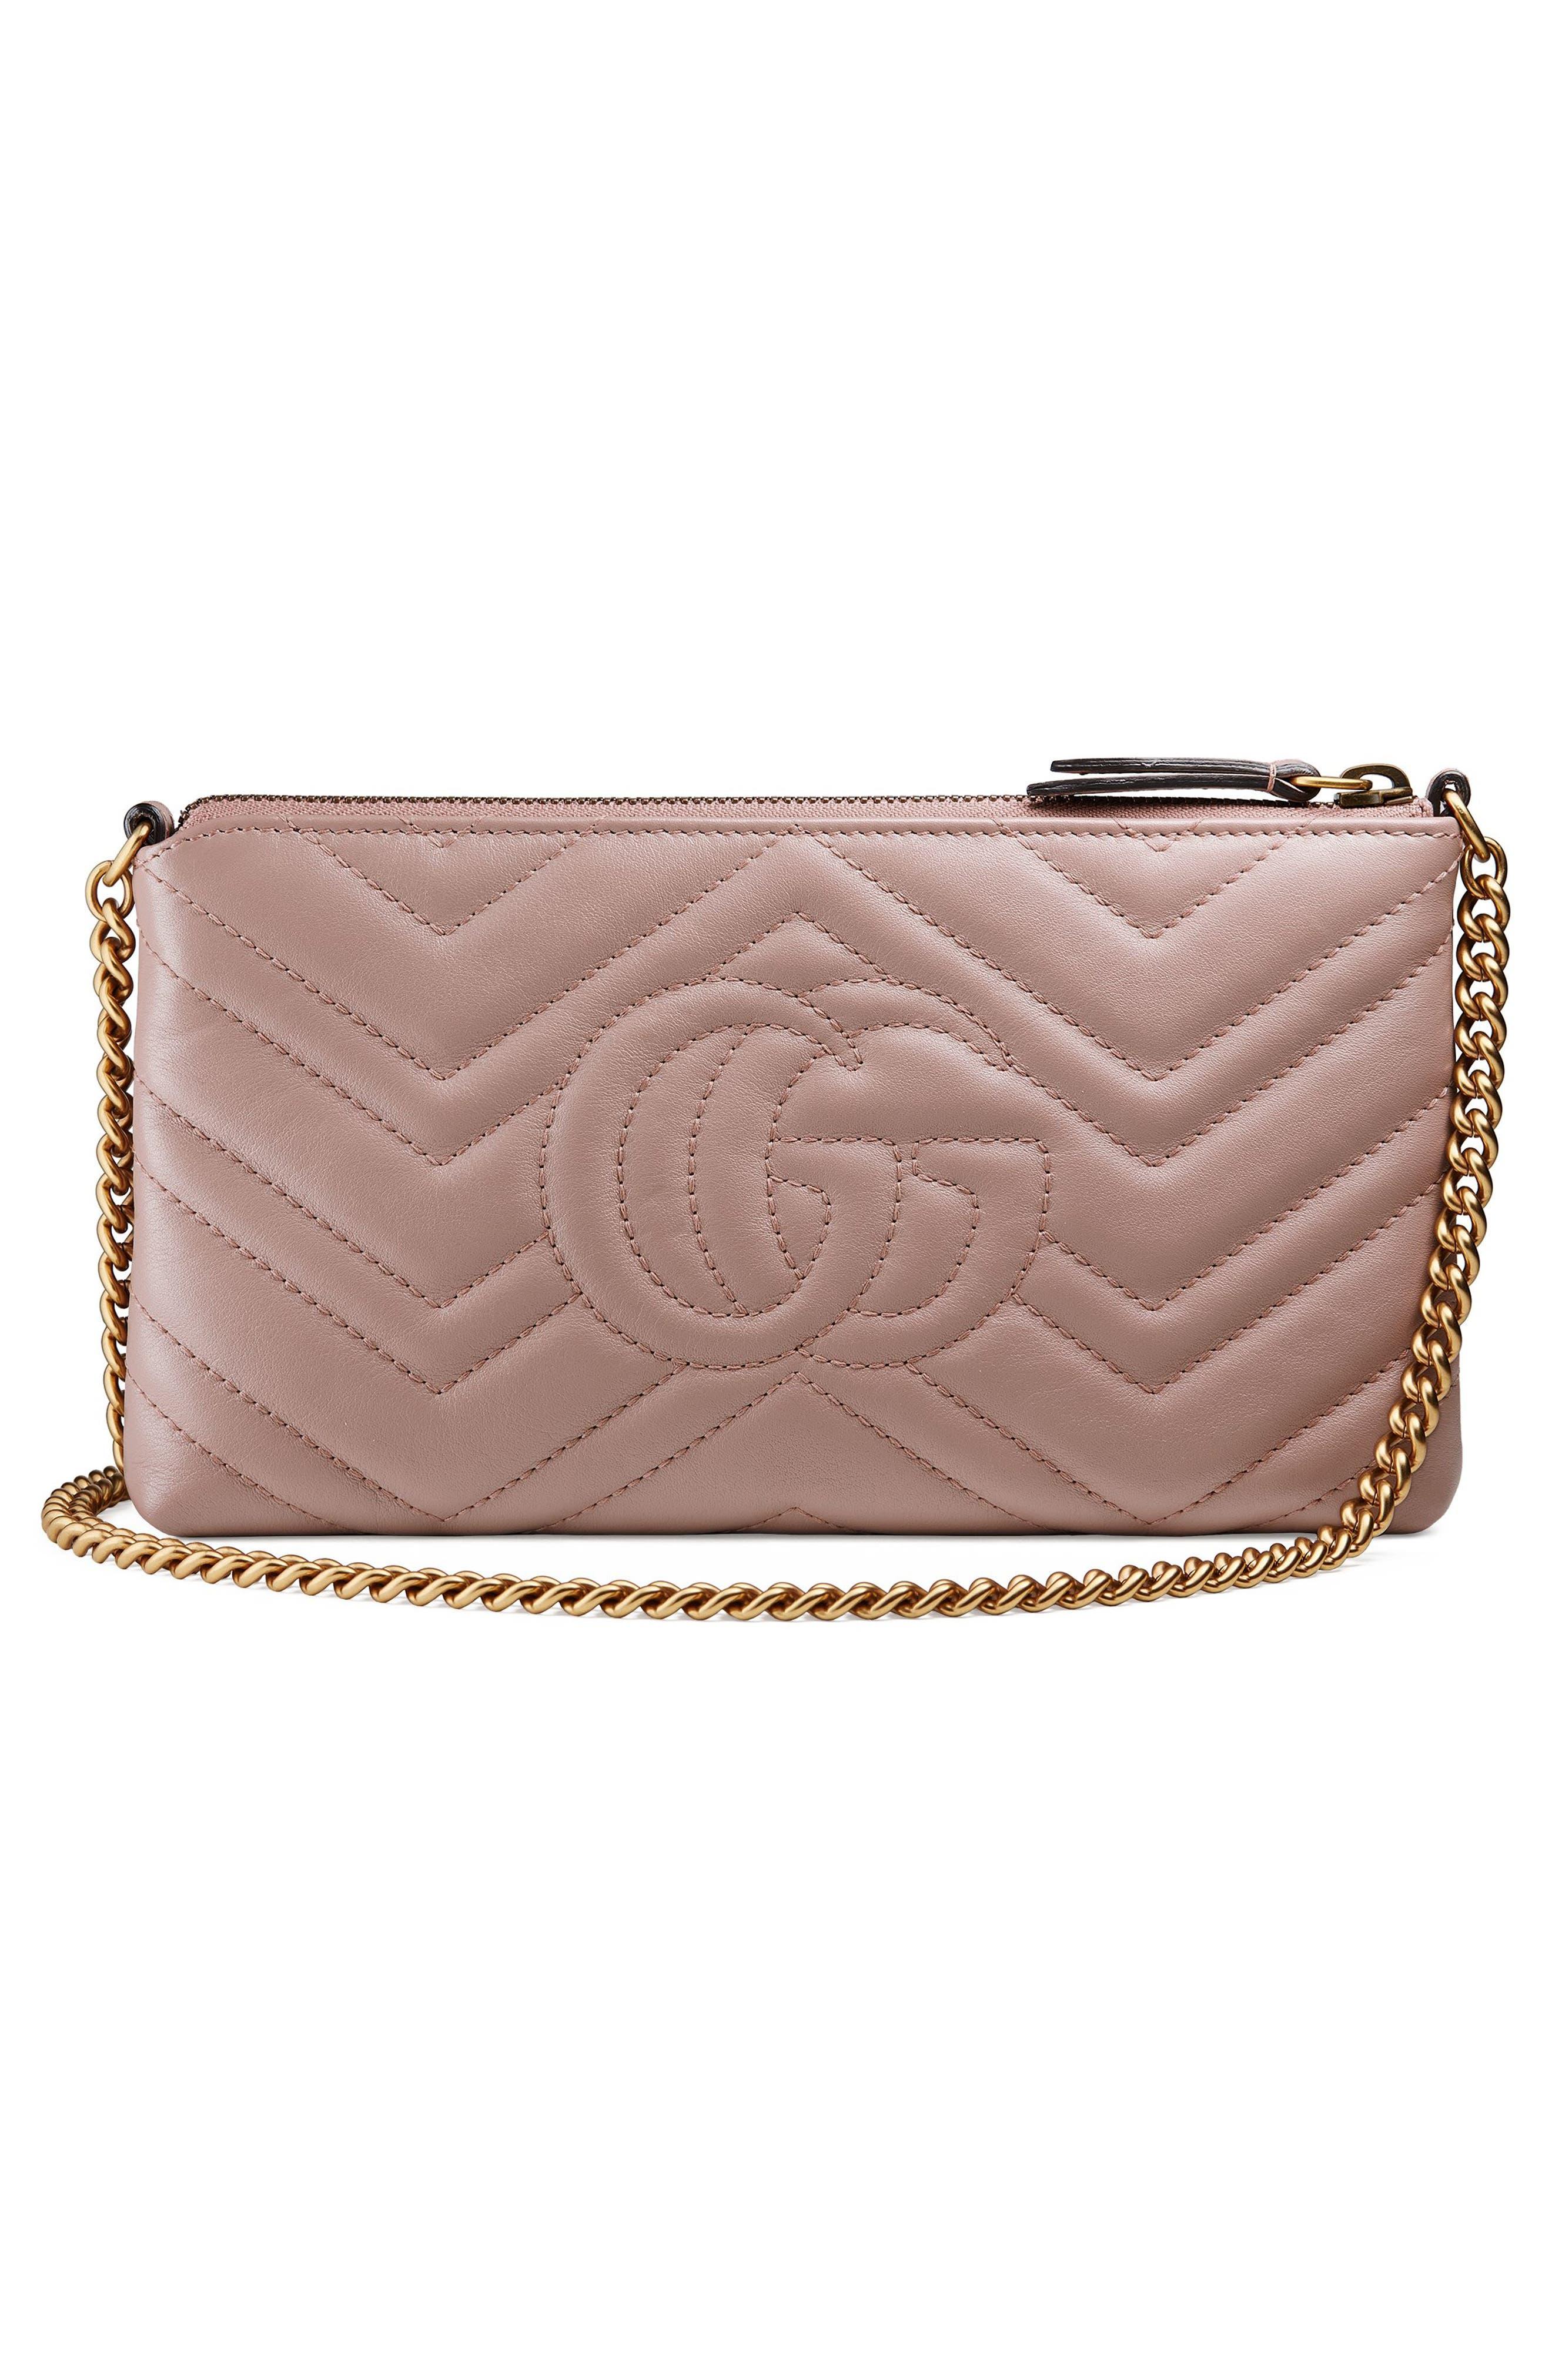 98f0c3d2baf Gucci Women s Pink Handbags